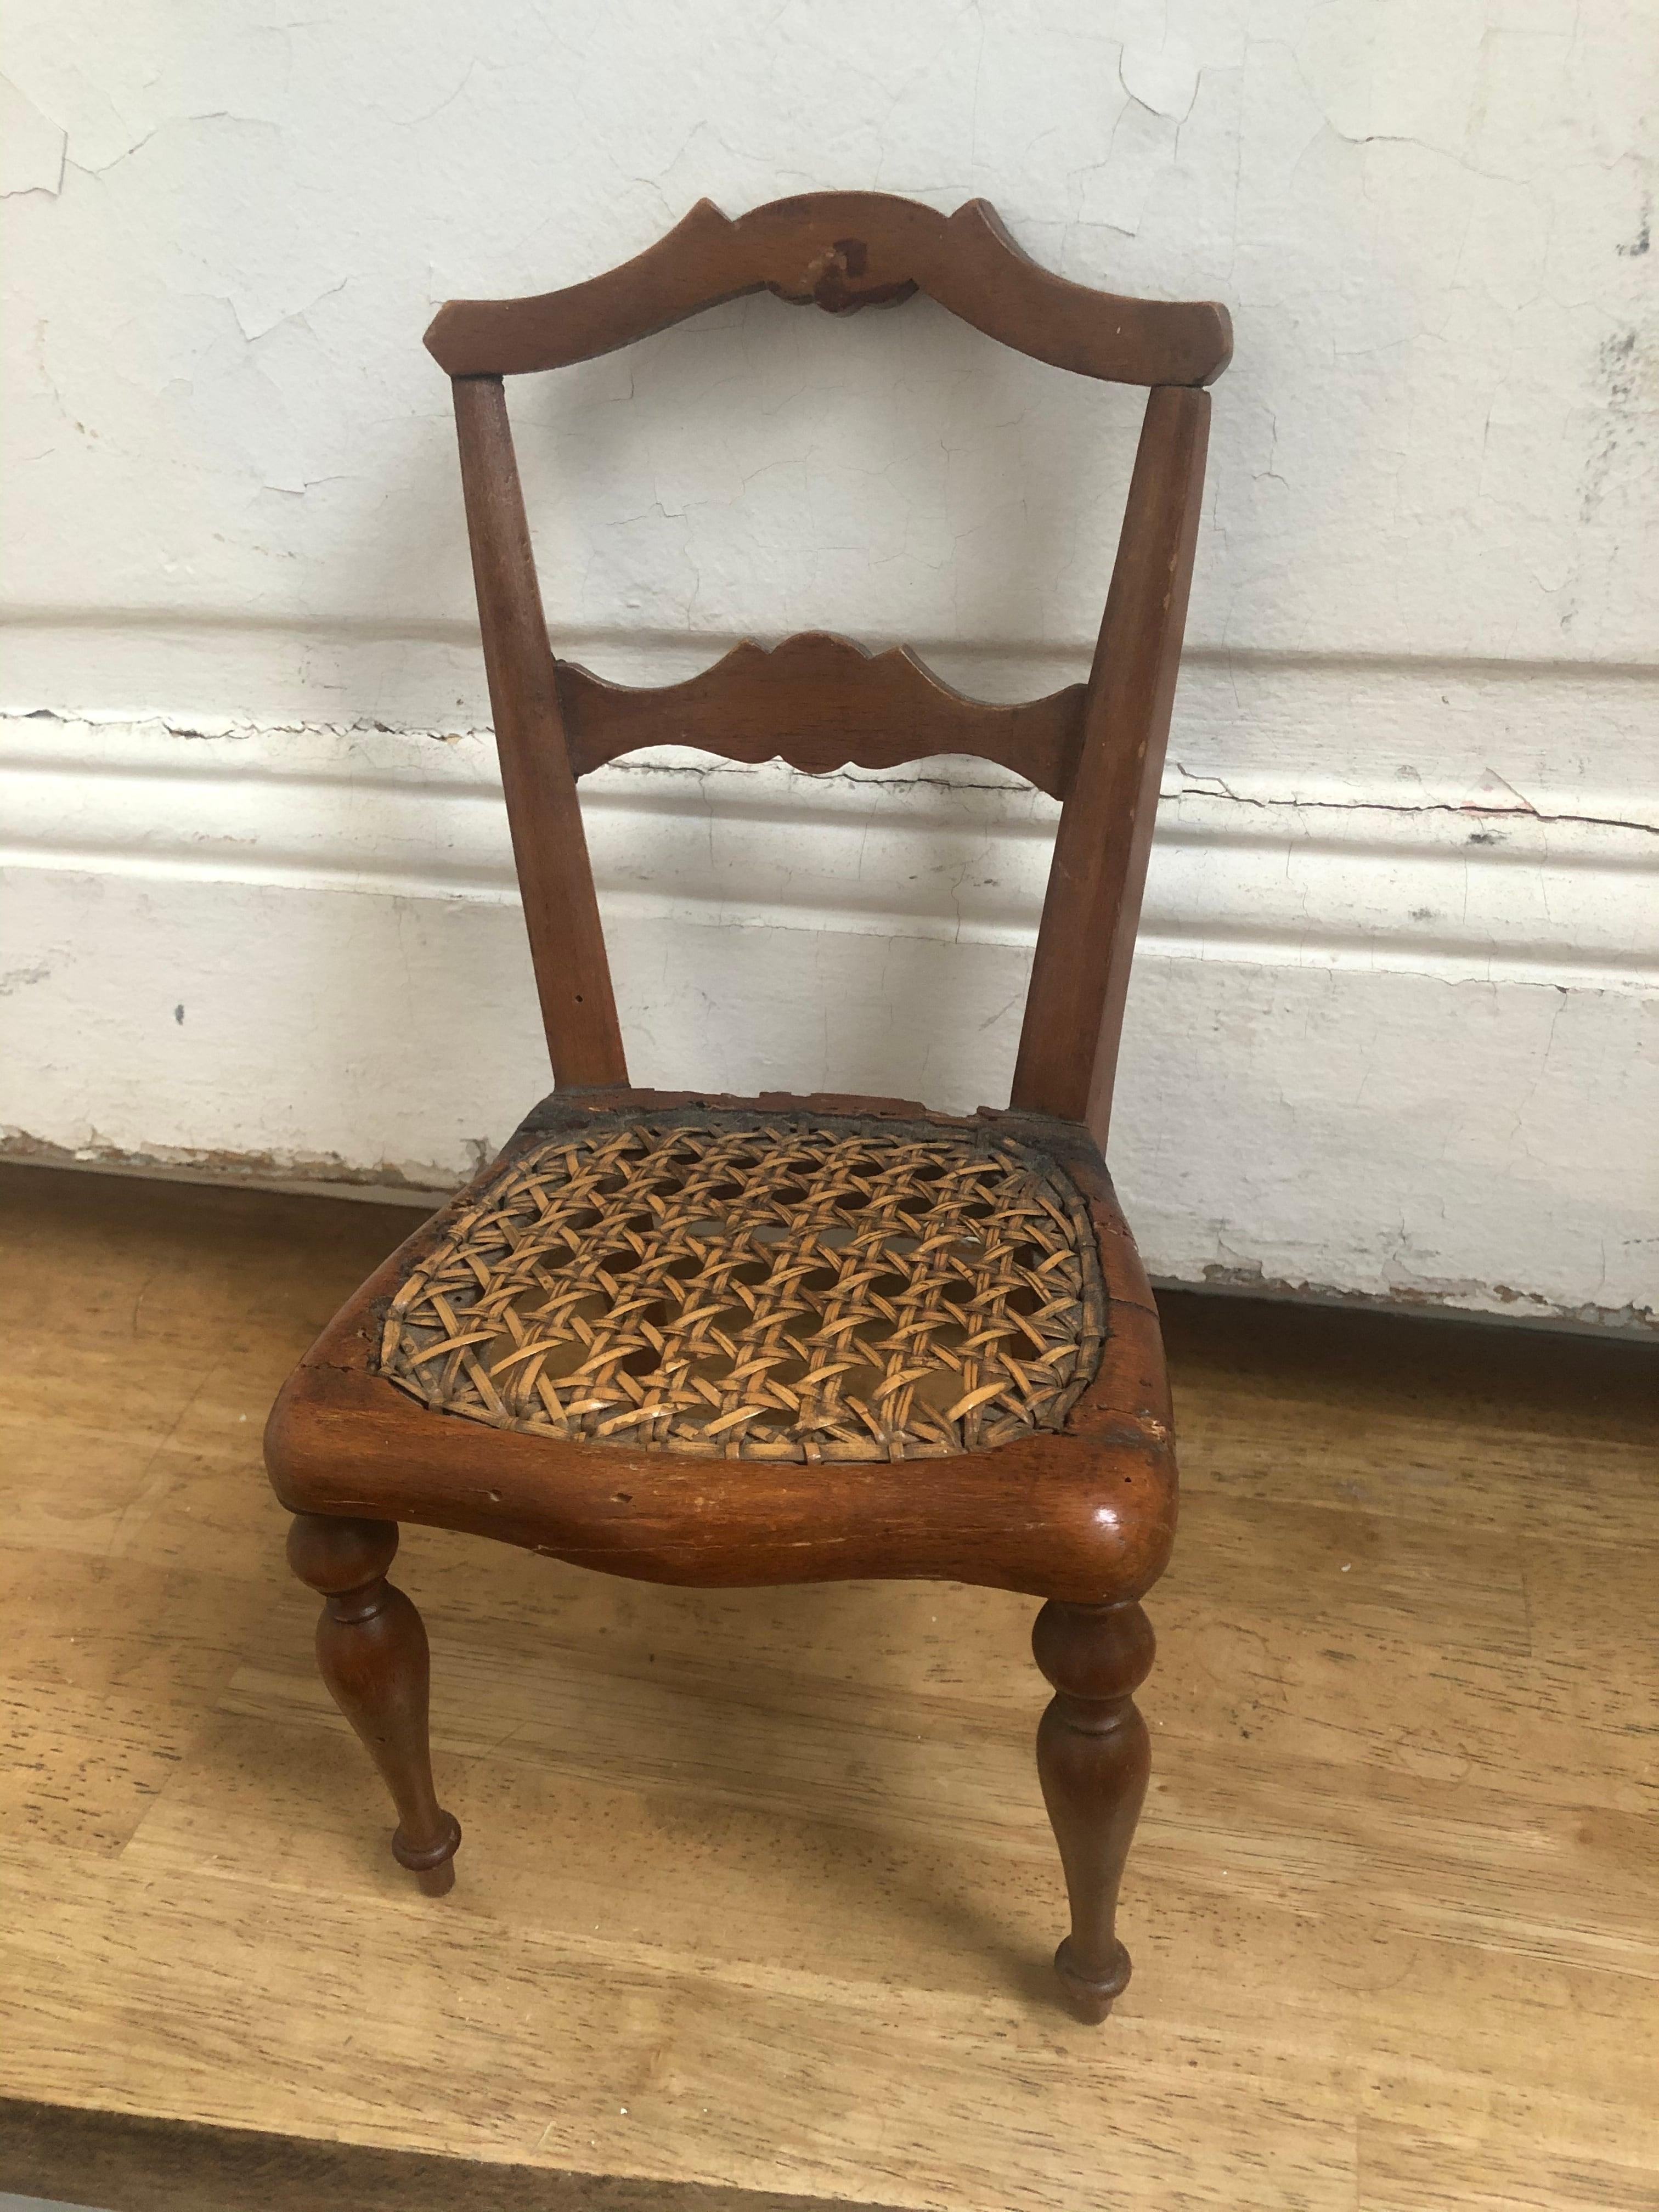 I様専用 おもちゃの小さな木製チェア 椅子 装飾あり